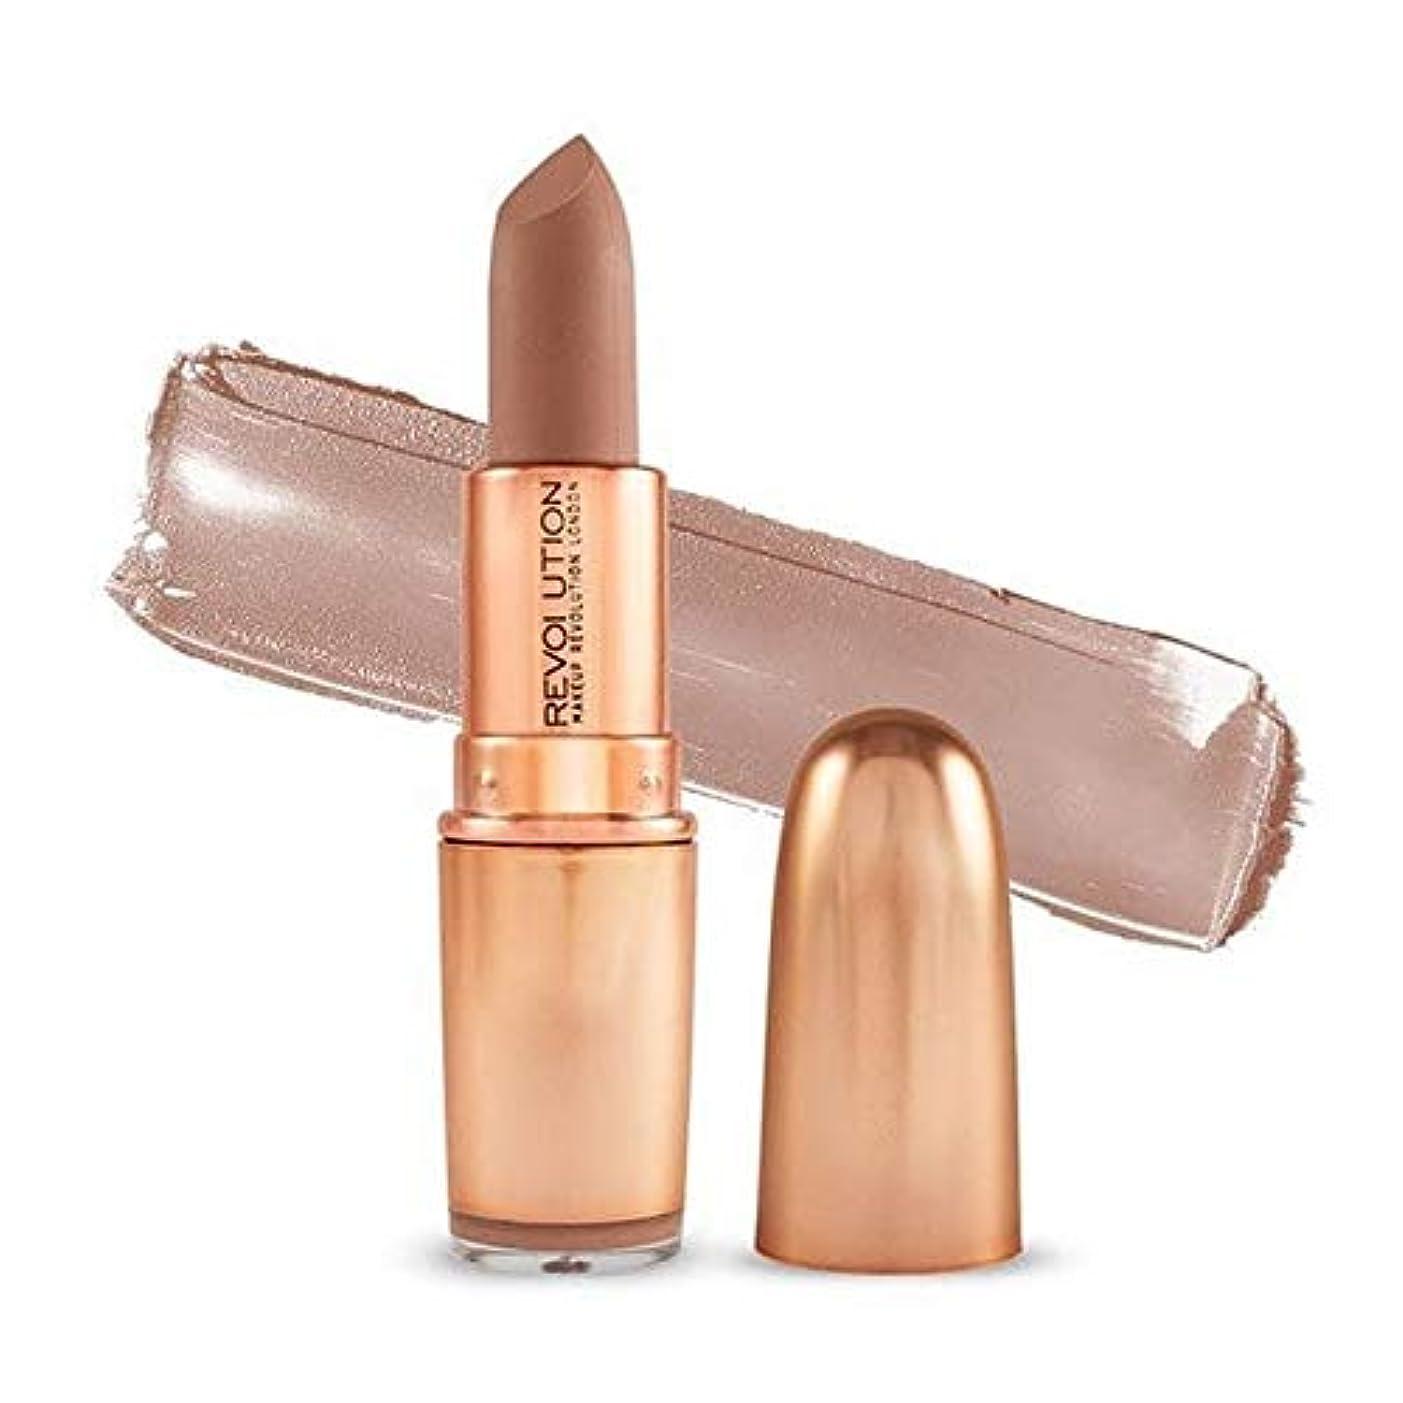 クレジット影のあるスティーブンソン[Revolution ] 革命の象徴的なマットな希望的観測ヌード口紅 - Revolution Iconic Matte Nude Lipstick Wishful [並行輸入品]